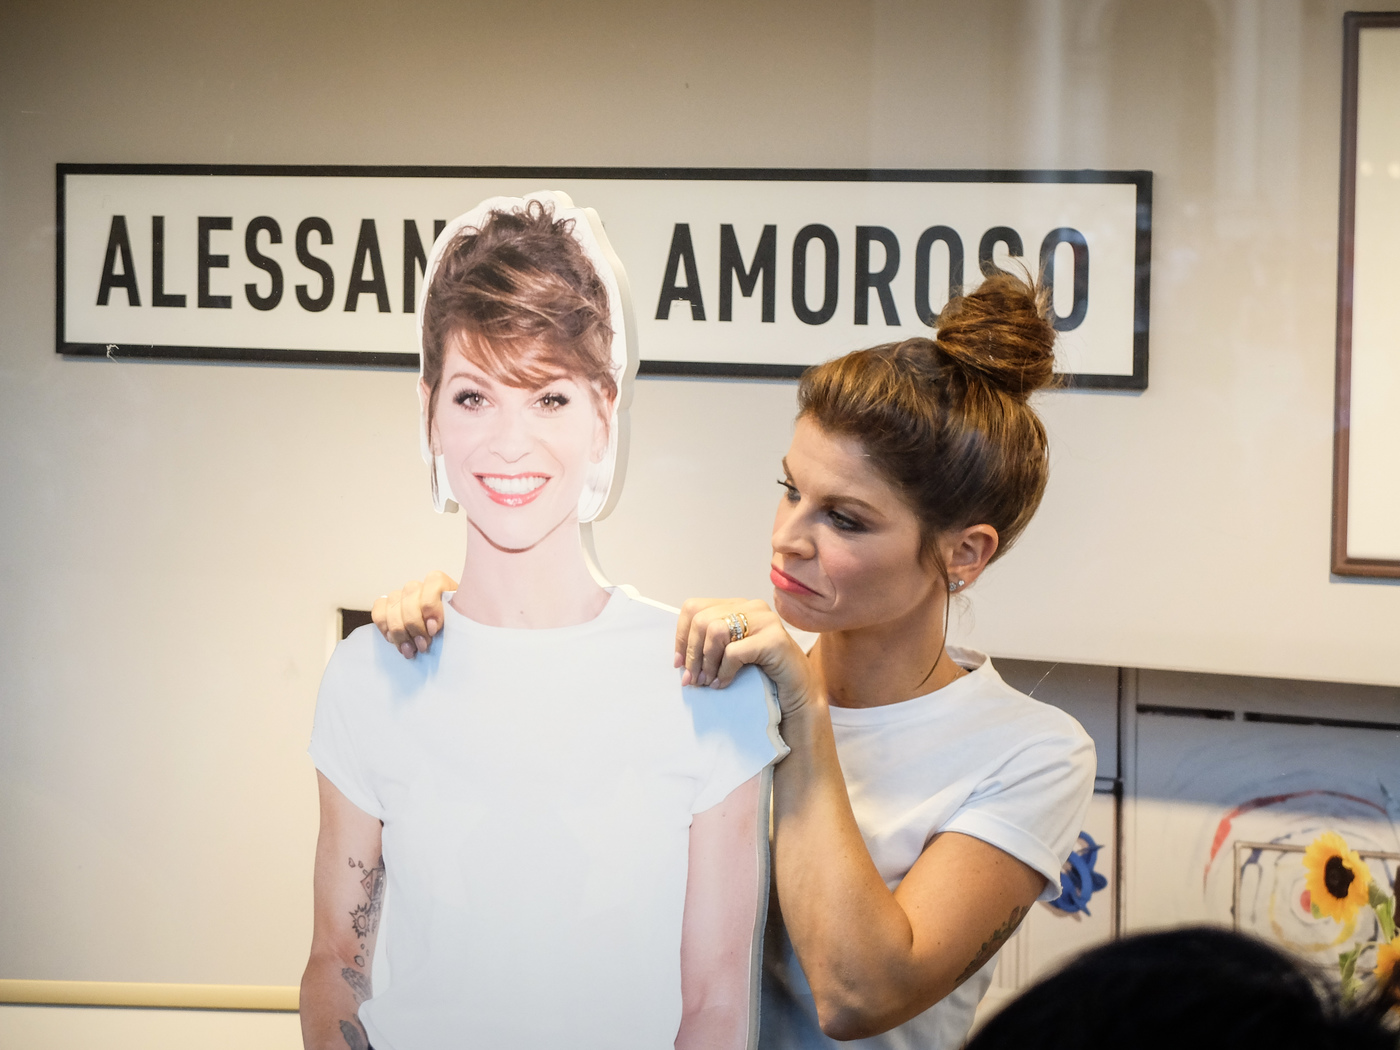 """CLASSIFICA SINGOLI 2020: """"Karaoke"""" è la canzone più venduta. Trionfo salentino con Boomdabash e Alessandra Amoroso. ECCO LA TOP 100"""